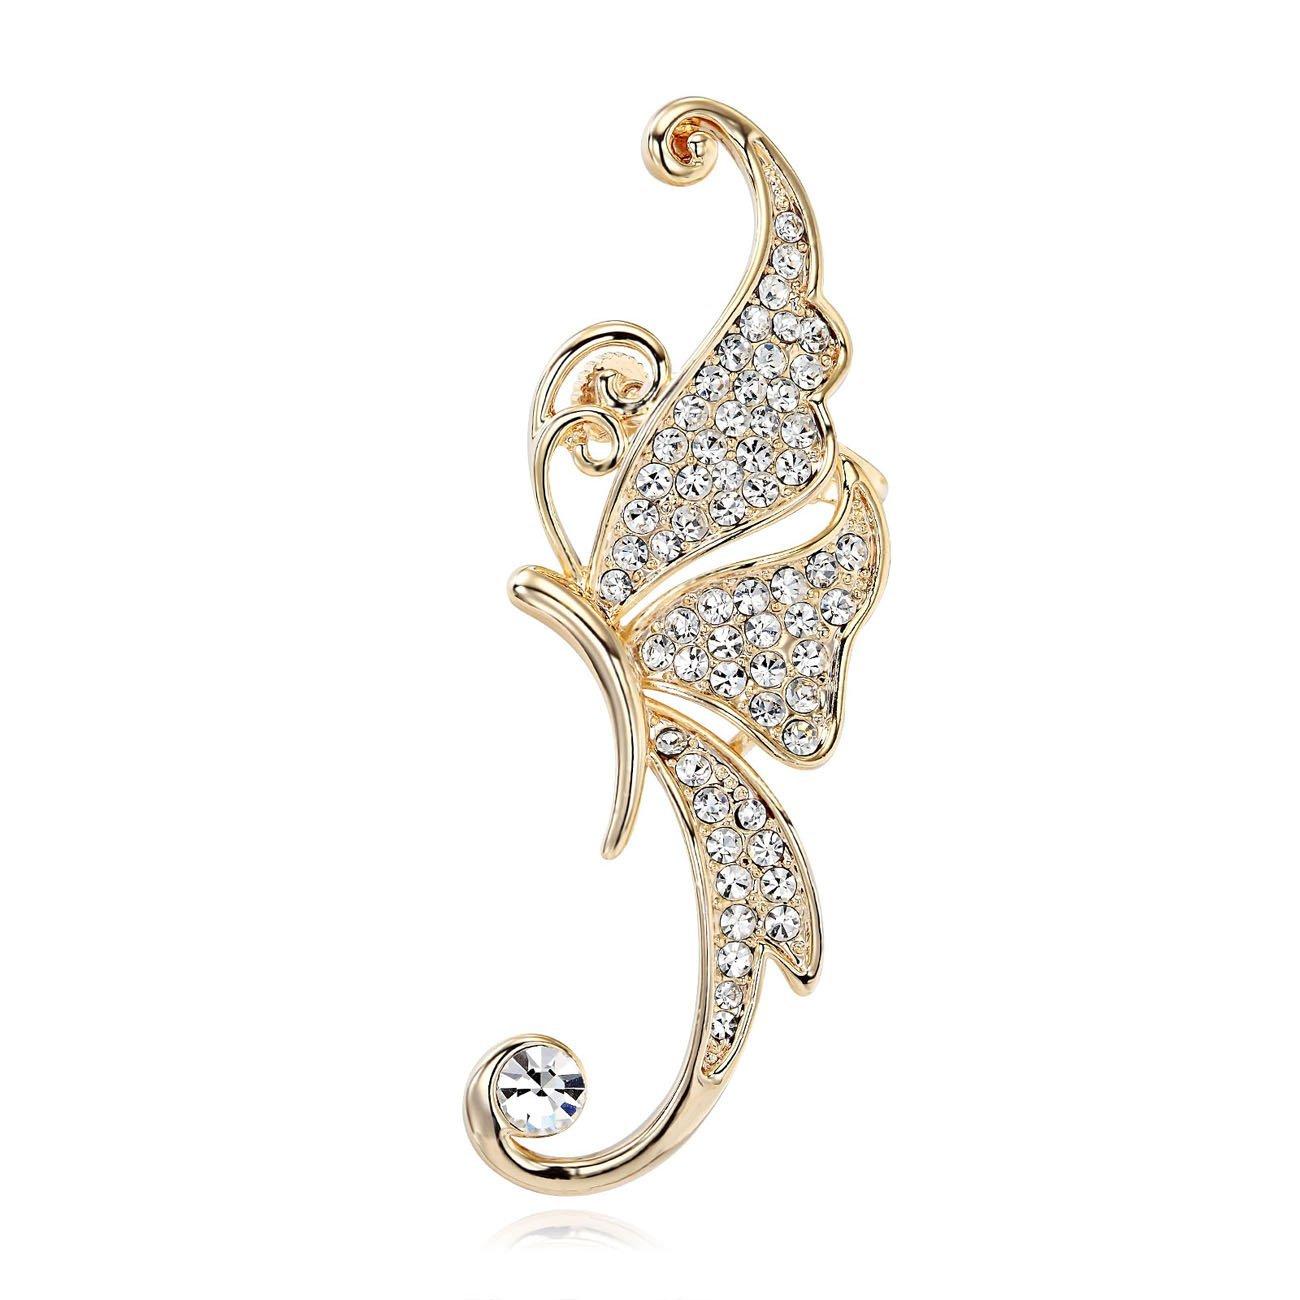 CIShop Sparkling Vivid Butterfly Diamond Earring Stud Ear Wrap Cuff Earring Gothic Earcuff Punk Rock Earring(Left Ear)-Lady's Favoriate(allergy free) (White)